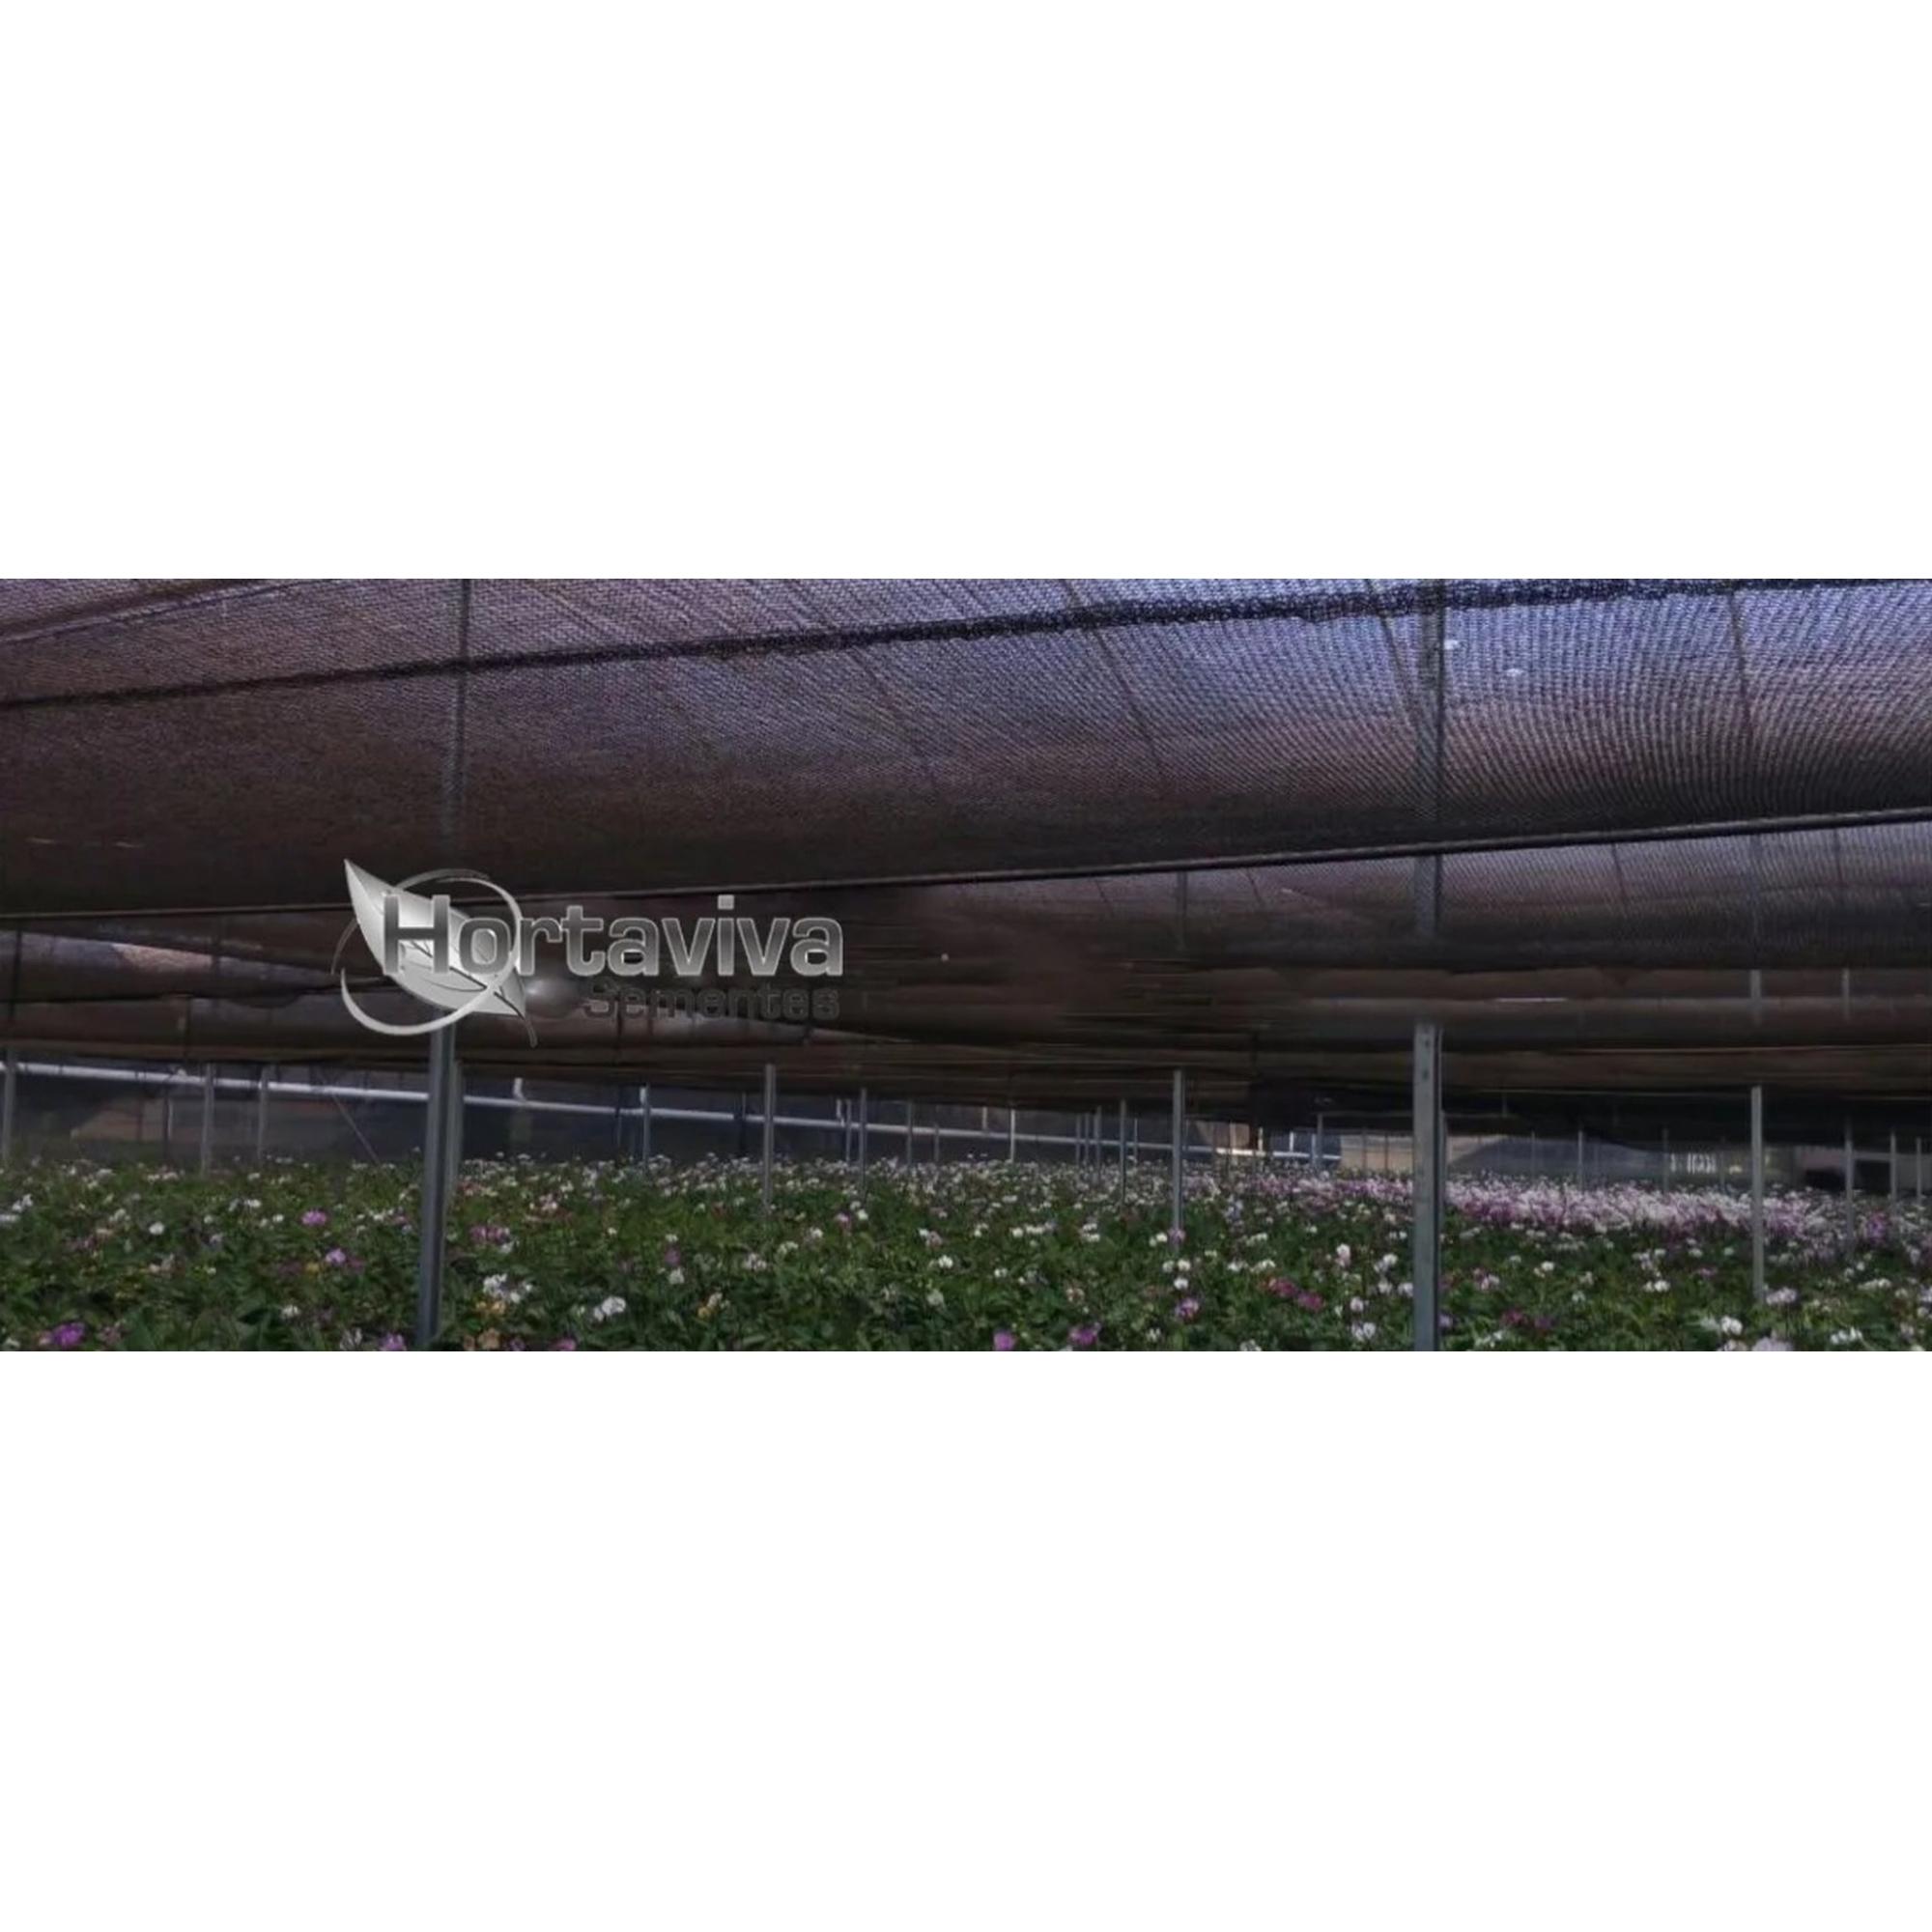 Tela de Sombreamento Preta 50% - 10 Metros x 35 Metros